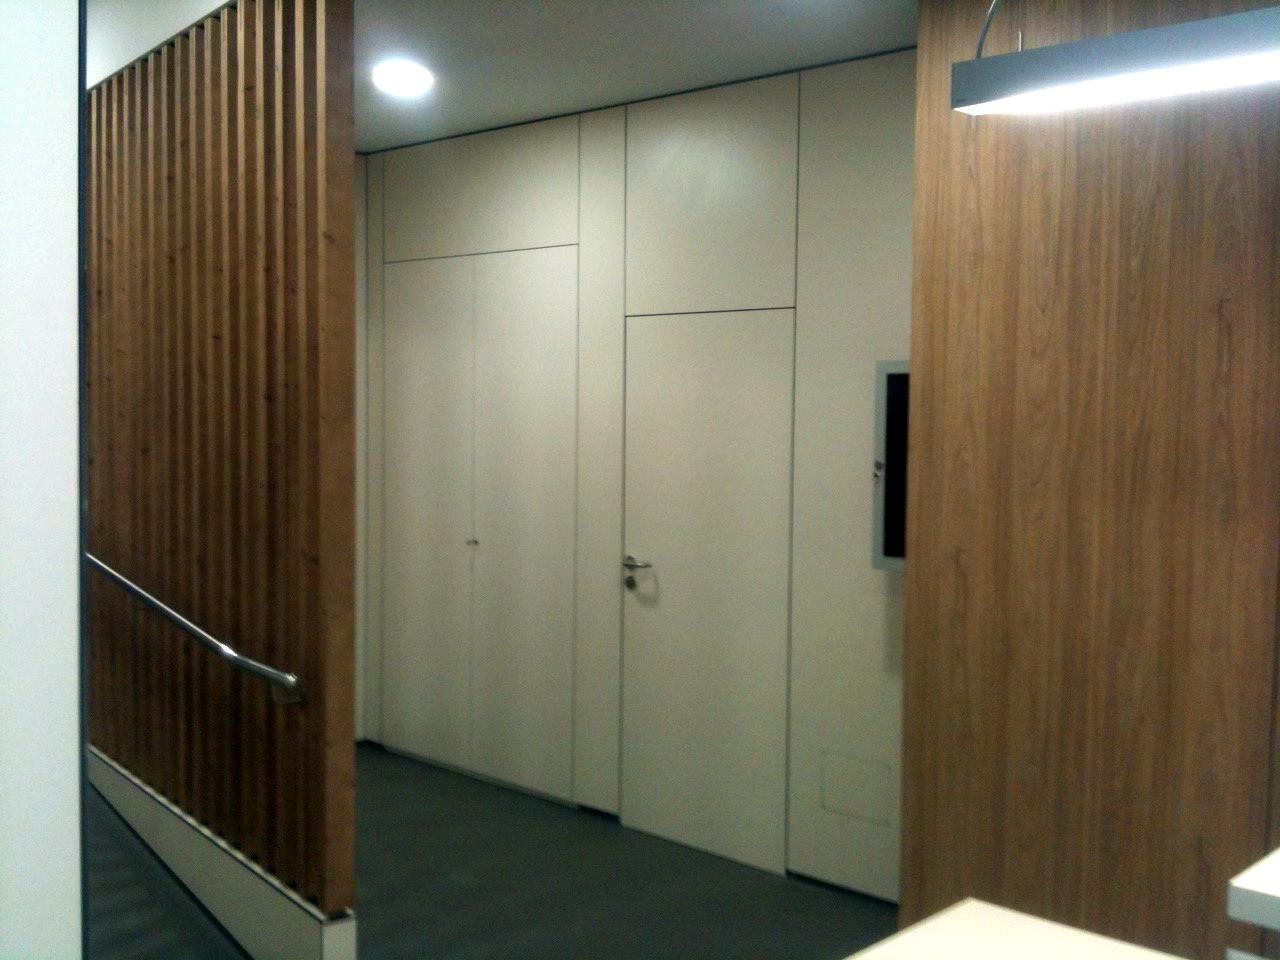 Finestres i portes de fusta a mida. Podem fabricar la porta a mida segons mesures i dissenys del seu interiorista o de vostè mateix. En la secció de fusteria, disposem de la maquinària i tècniques per fabricar portes massisses d'entrada, interiors massisses, xapades, o de dm... Finestres, balconeres, finestres corredisses, portes corredisses... Portes d'interior i d'exteriors. Amb diferents tipus de fusta (pi, roure, castanyer, faig...) tot fabricat a mida i amb pressupost previ. Oferim el tractament, colors diversos, vernissos i muntatge a l'obra. Dissenys de portes a mida proposats per nosaltres o per a vostès mateixos,